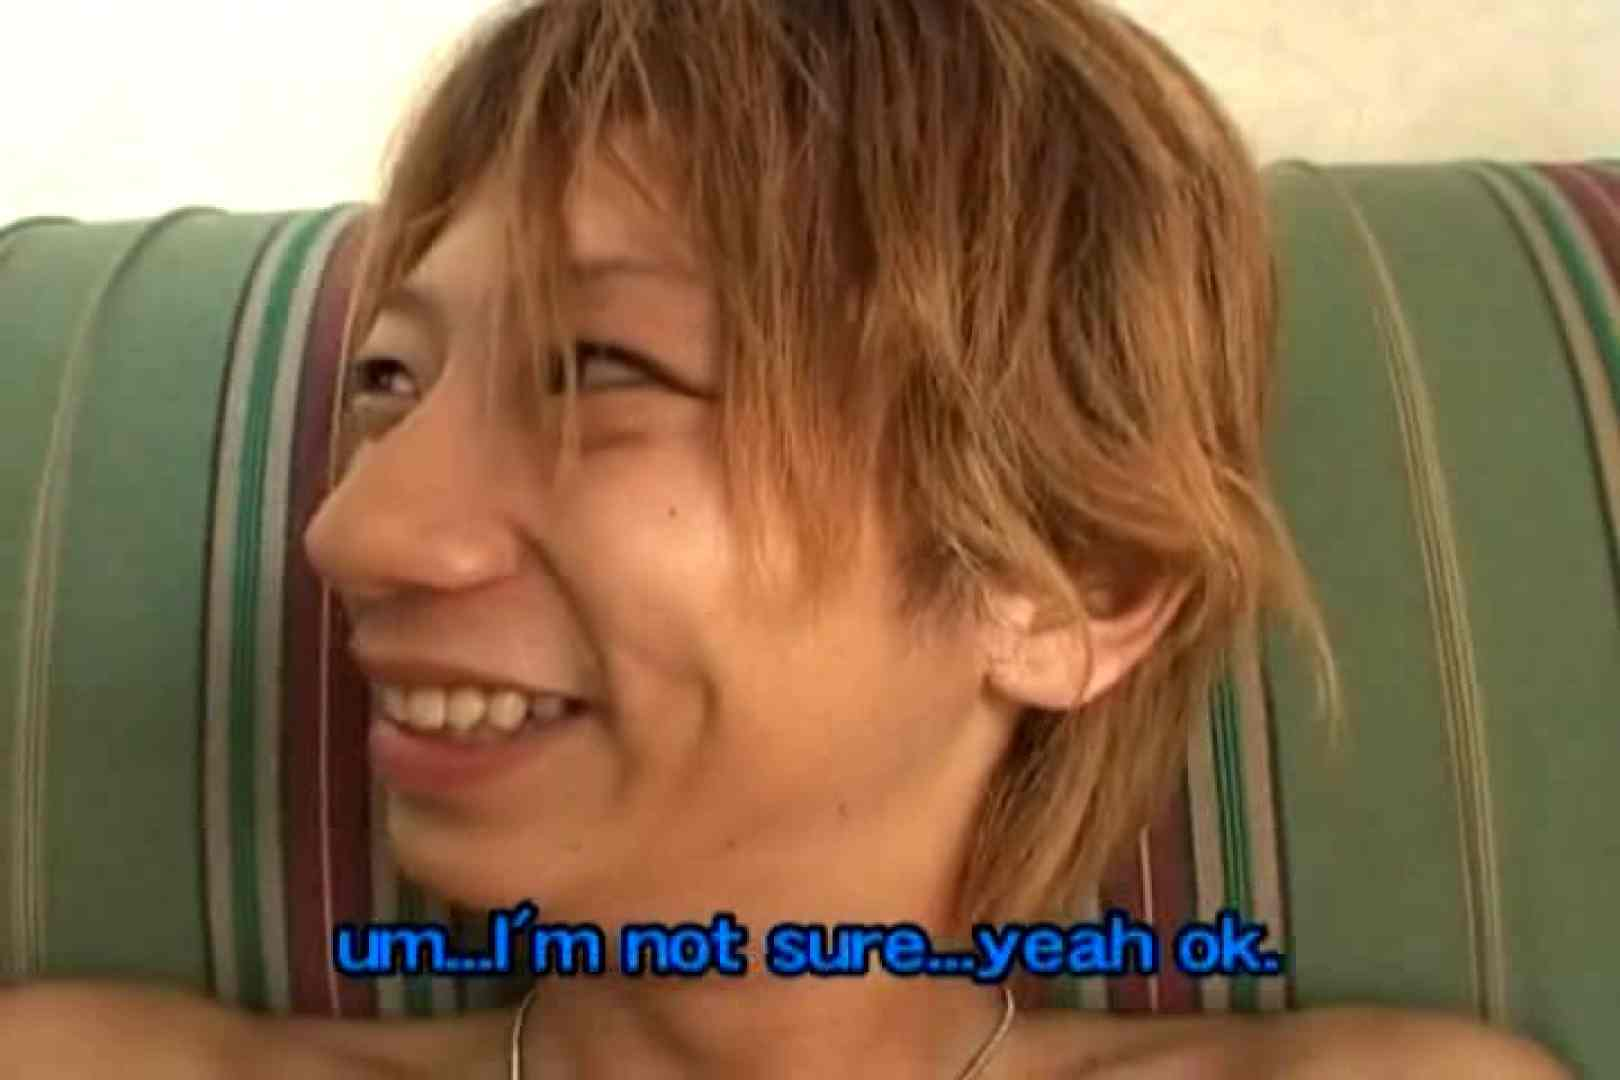 夏男!海男!まとめてGET!!Vol.02 スリム美少年系ジャニ系 Guyエロ画像 12画像 10